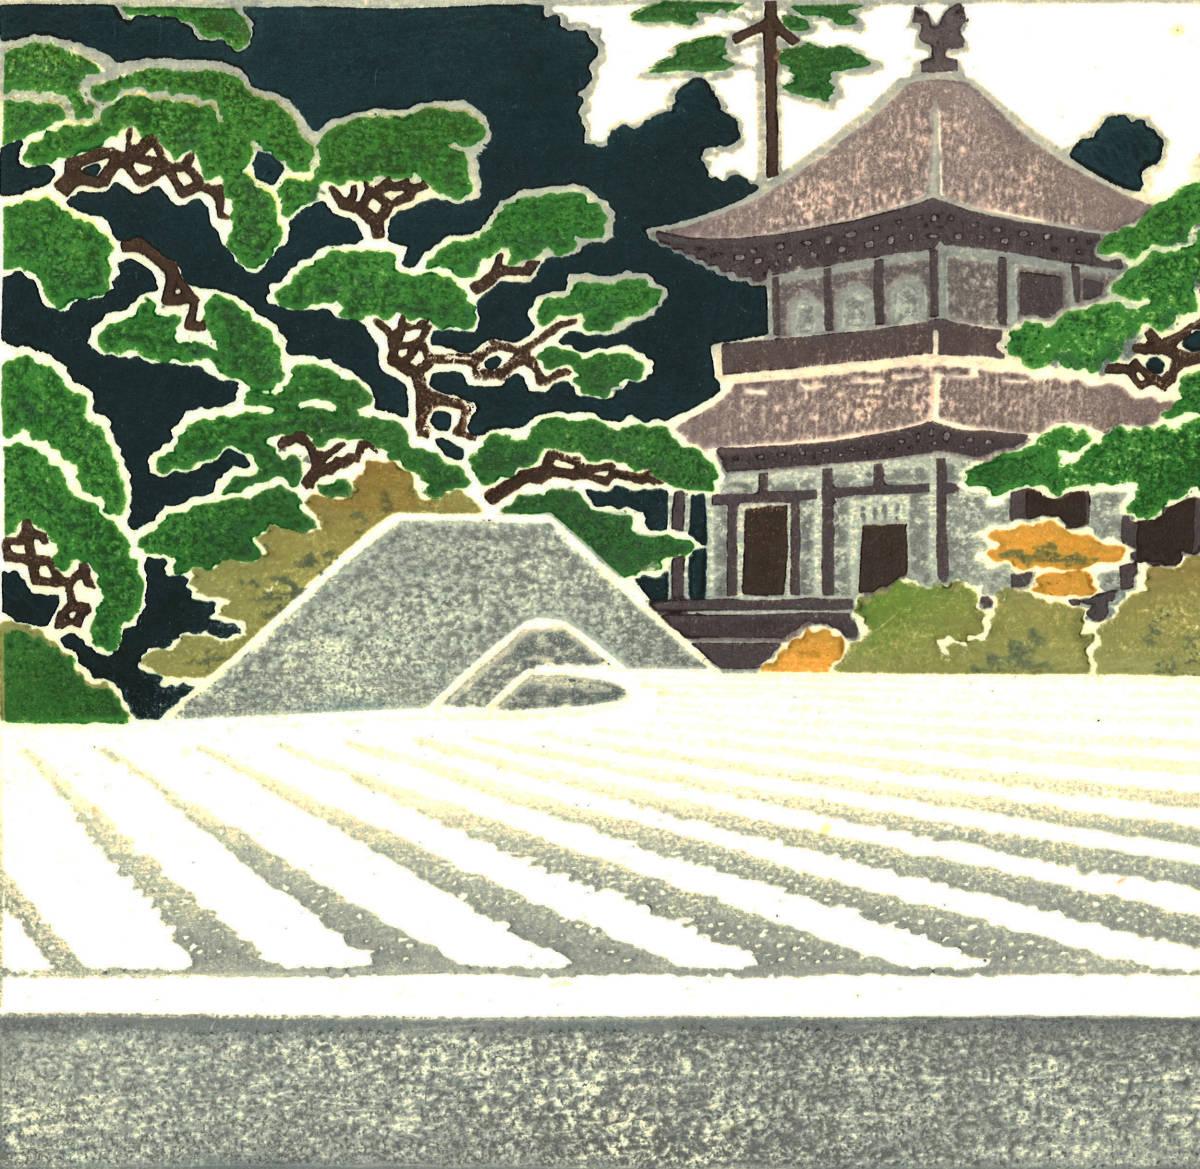 吉田遠志 木版画   016302 銀閣寺の庭  (Ginkakuji Garden)   初摺1963年  最高峰の摺師の技をご堪能下さい!!_画像5